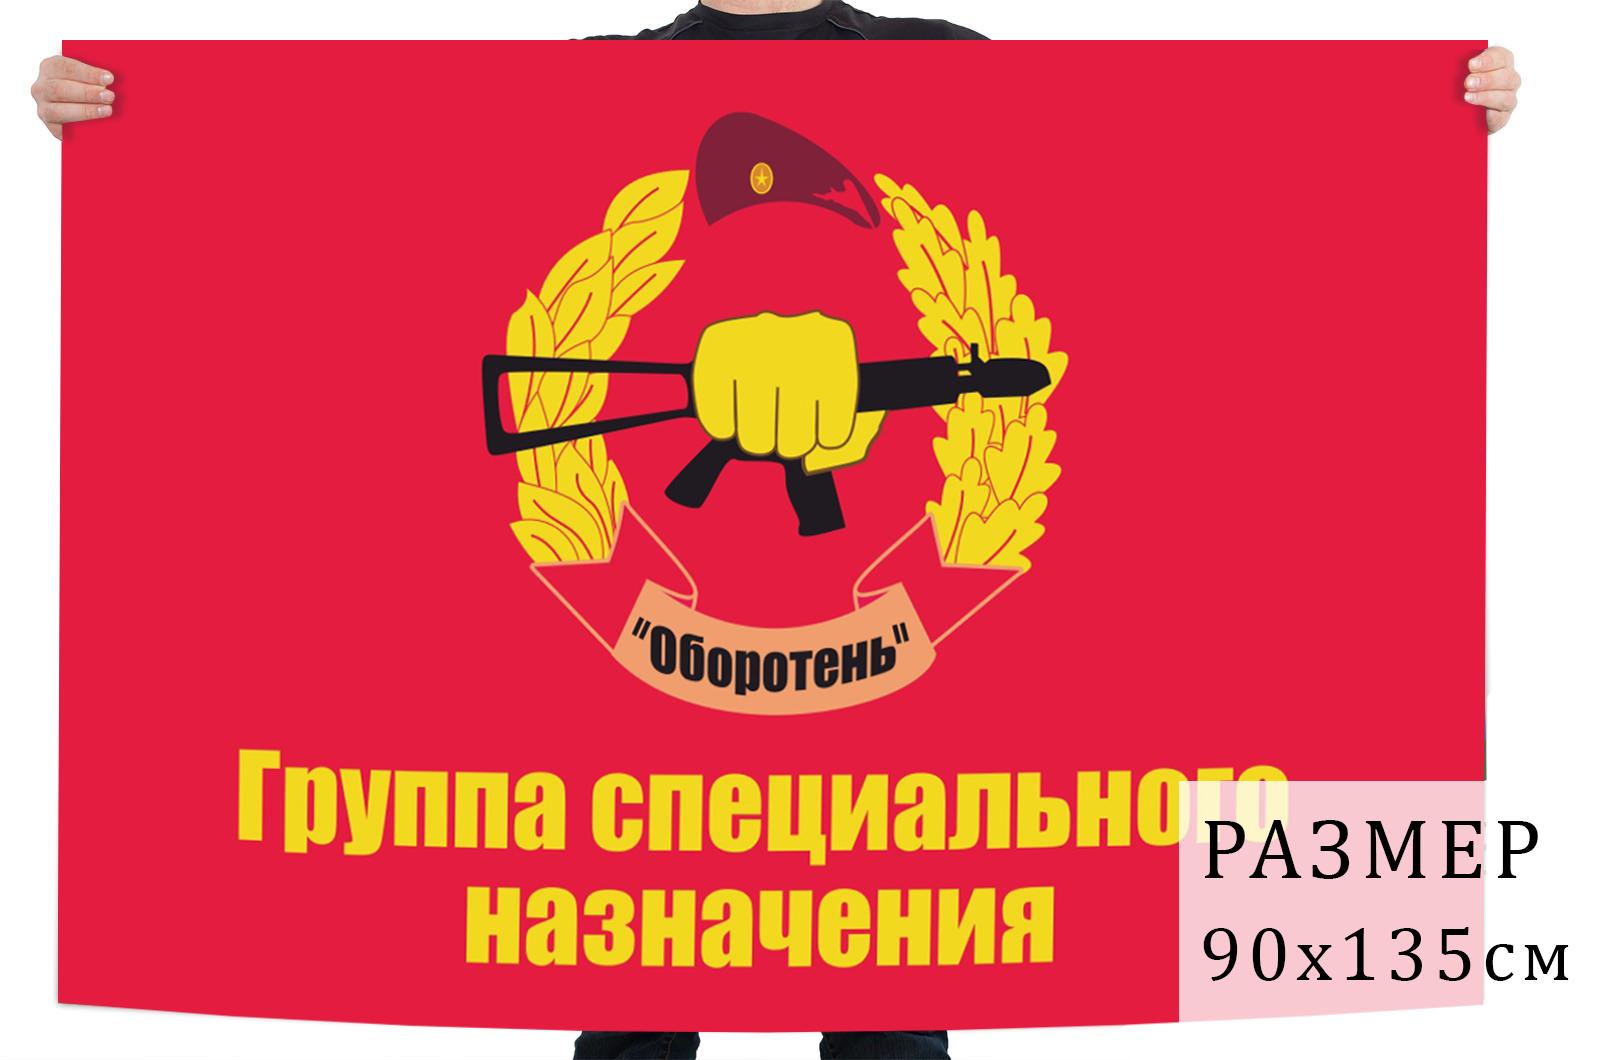 """Флаг группы специального назначения ВВ МВД """"Оборотень"""""""